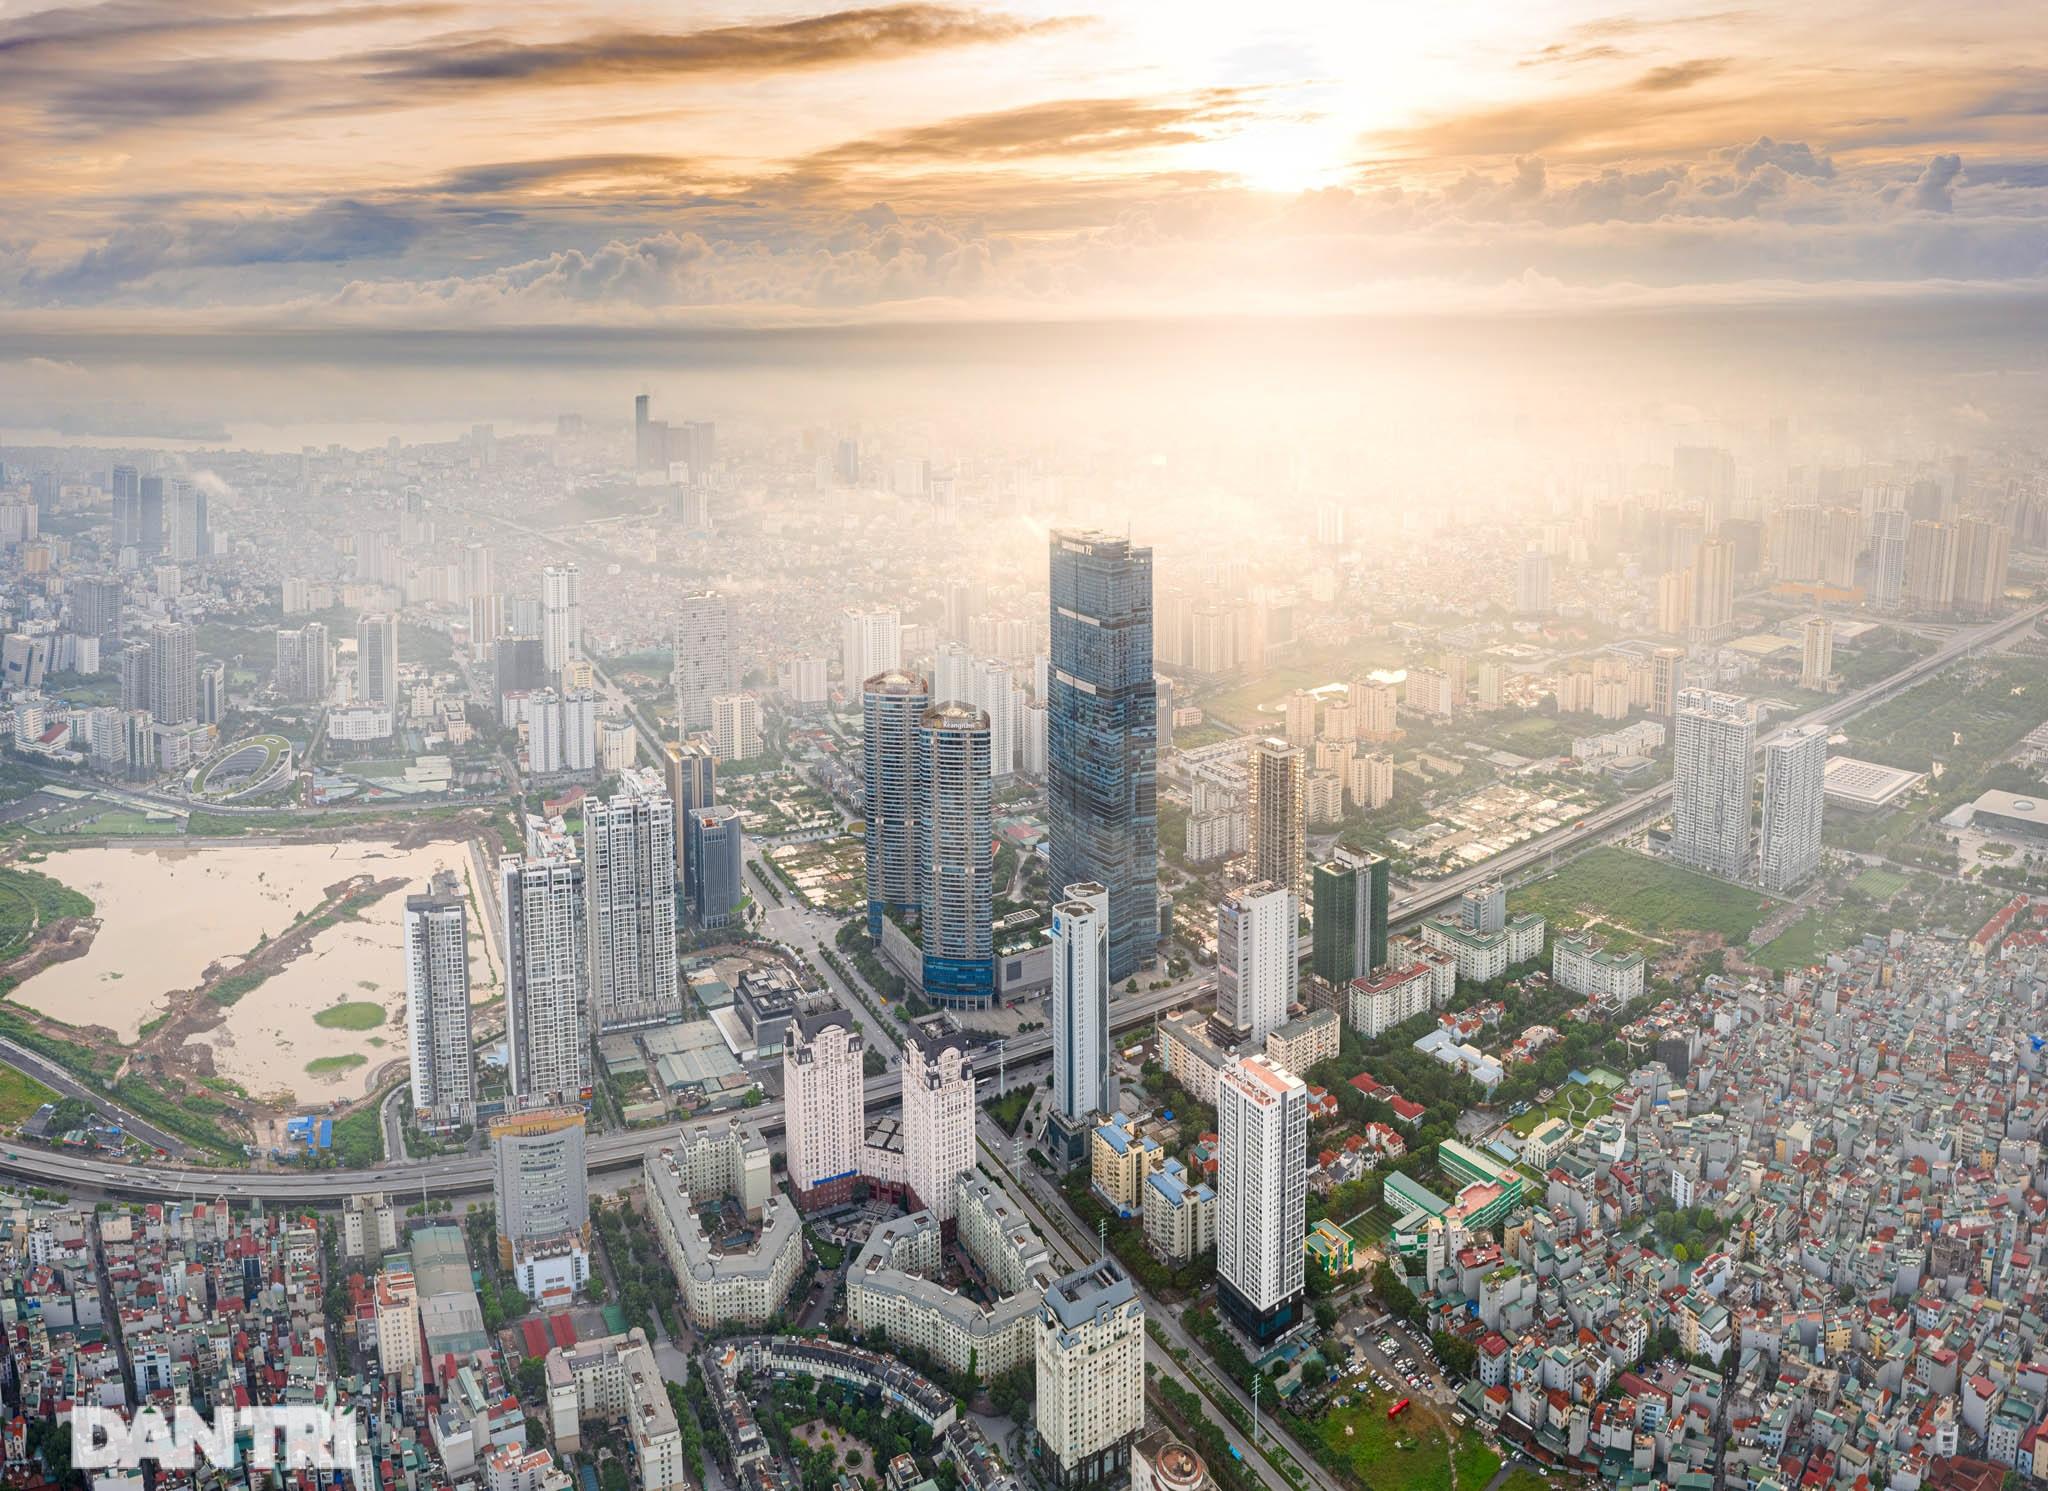 Vẻ đẹp của một Hà Nội hiện đại, sôi động nhìn từ trong mây - 5